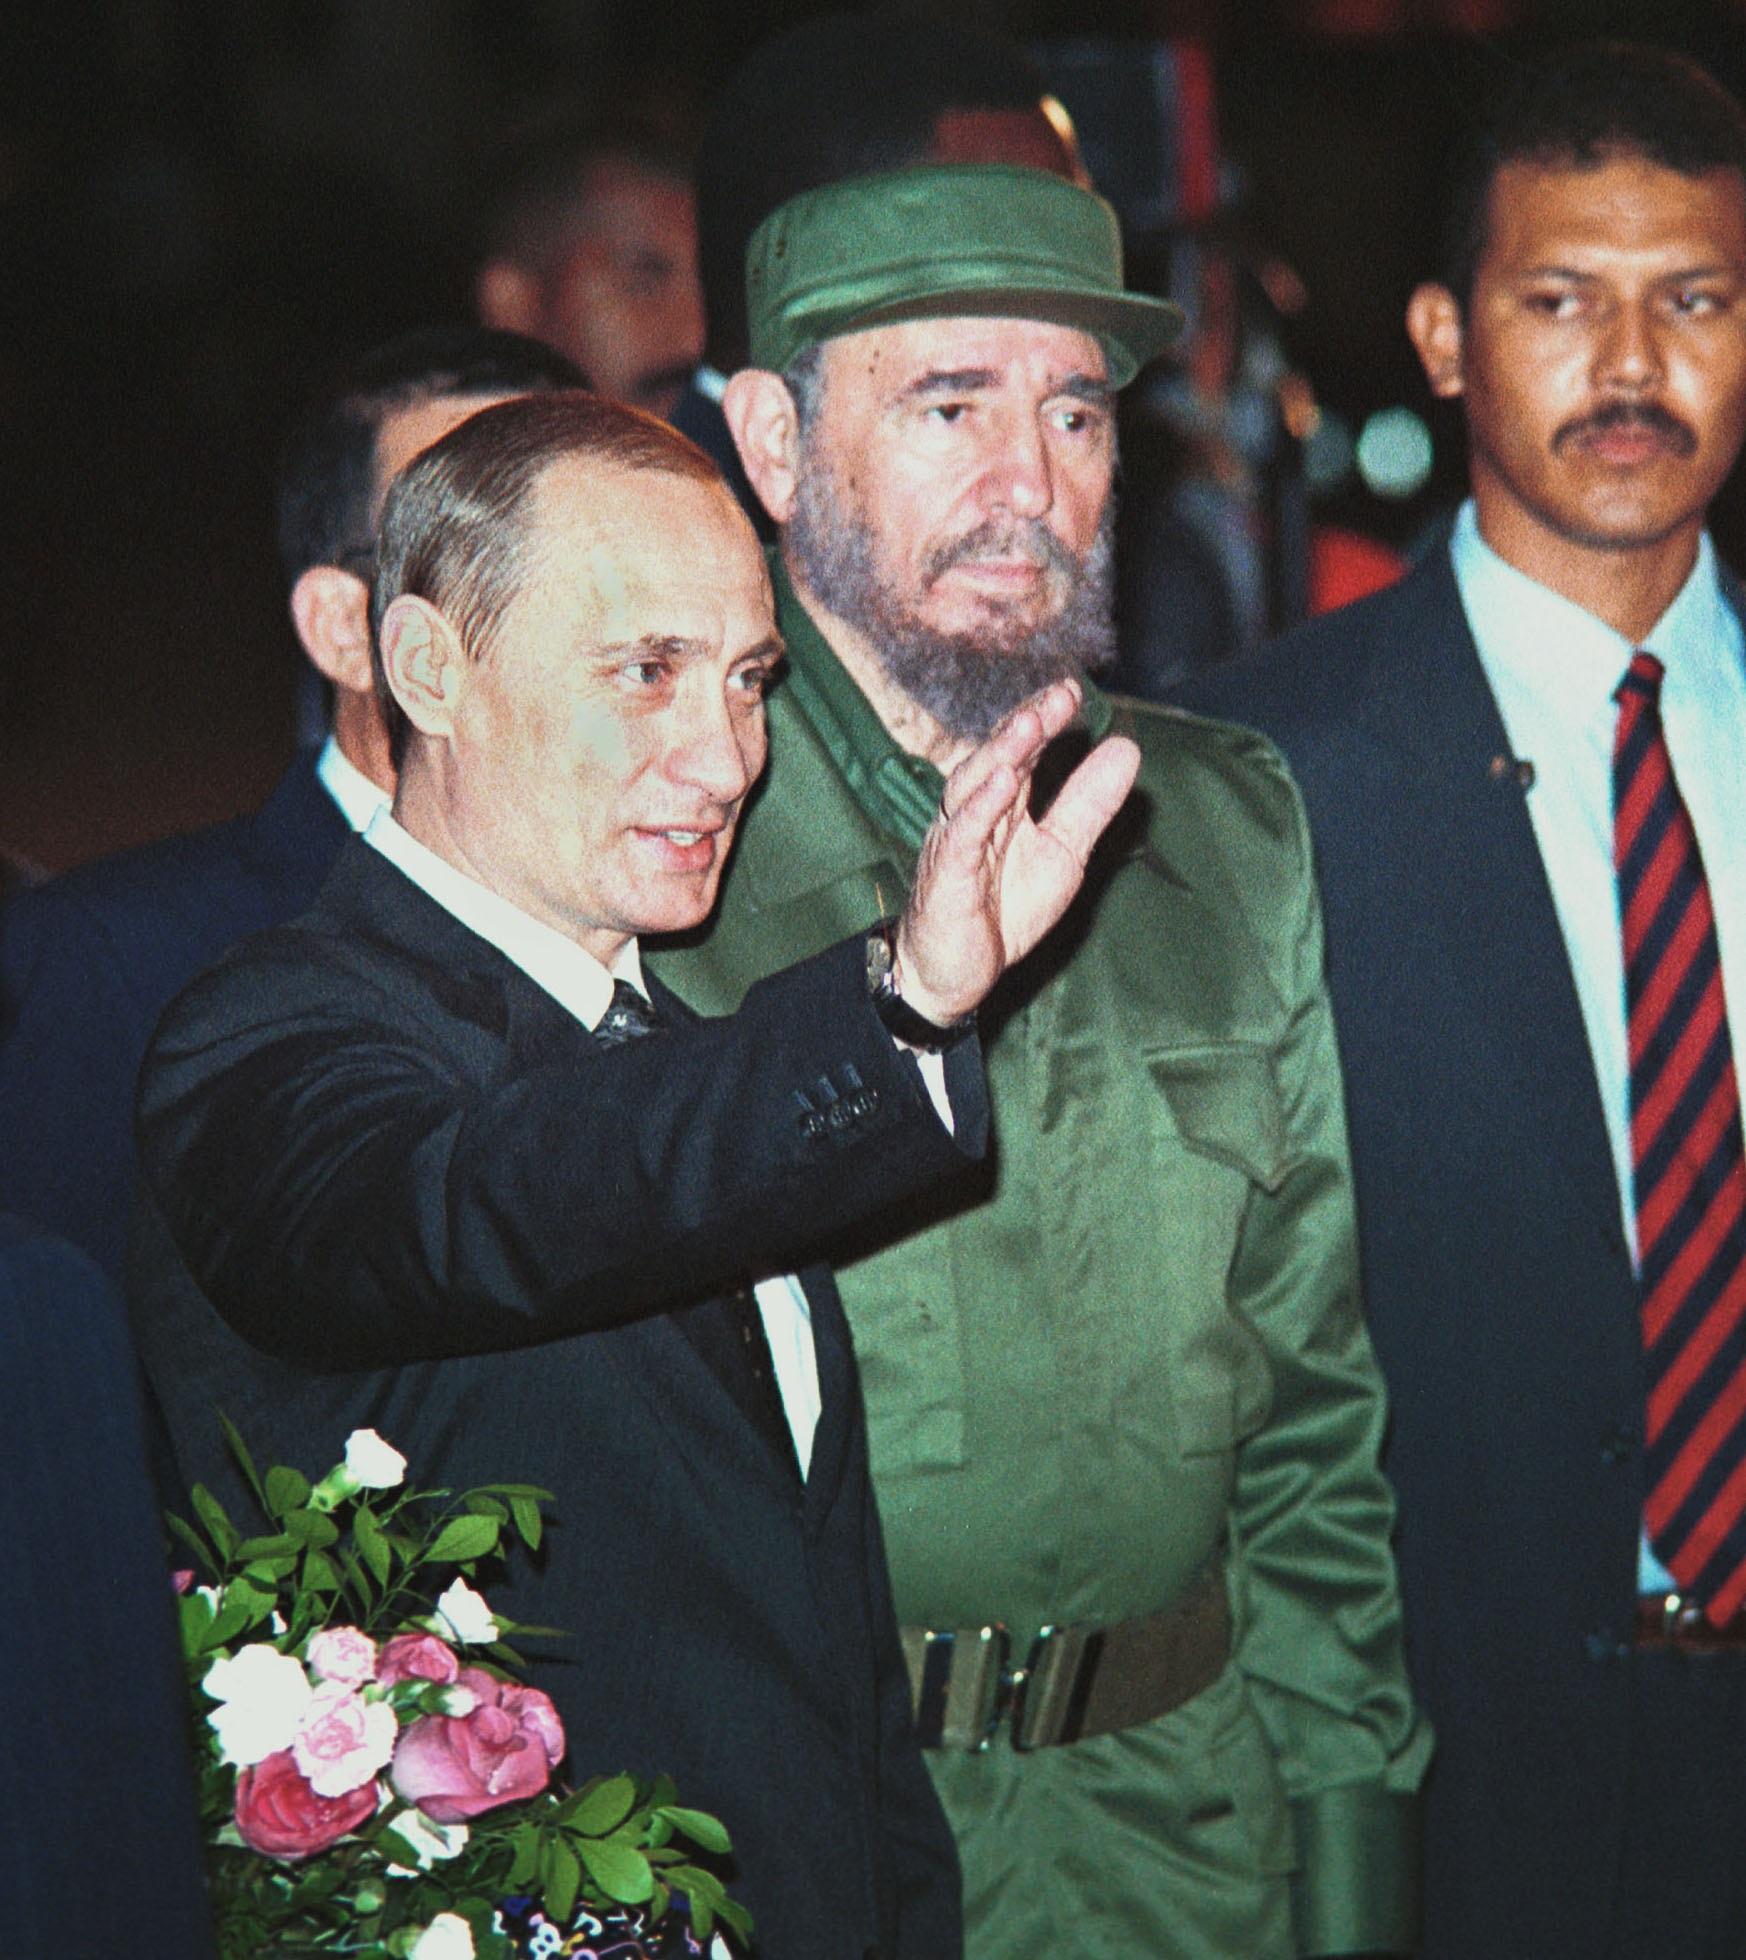 13 декември 2000 г. - Фидел Кастро посреща руският президент Владимир Путин в Хавана. ова е първата визита на руски държавен глава в Куба след разпадането на СССР през 1991 г.